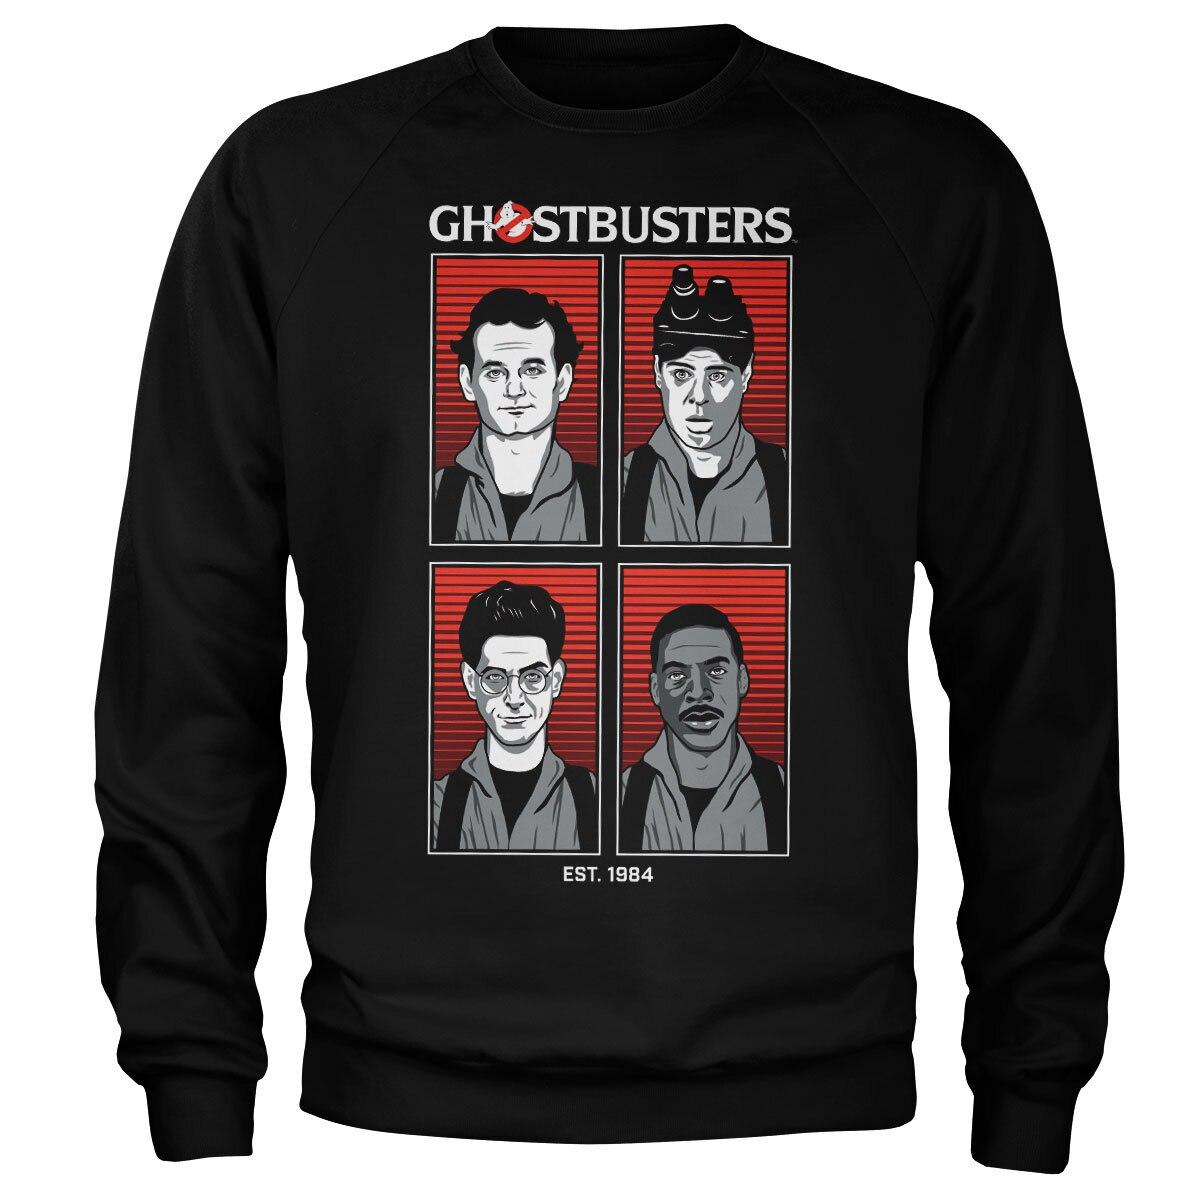 Ghostbusters Original Team Sweatshirt